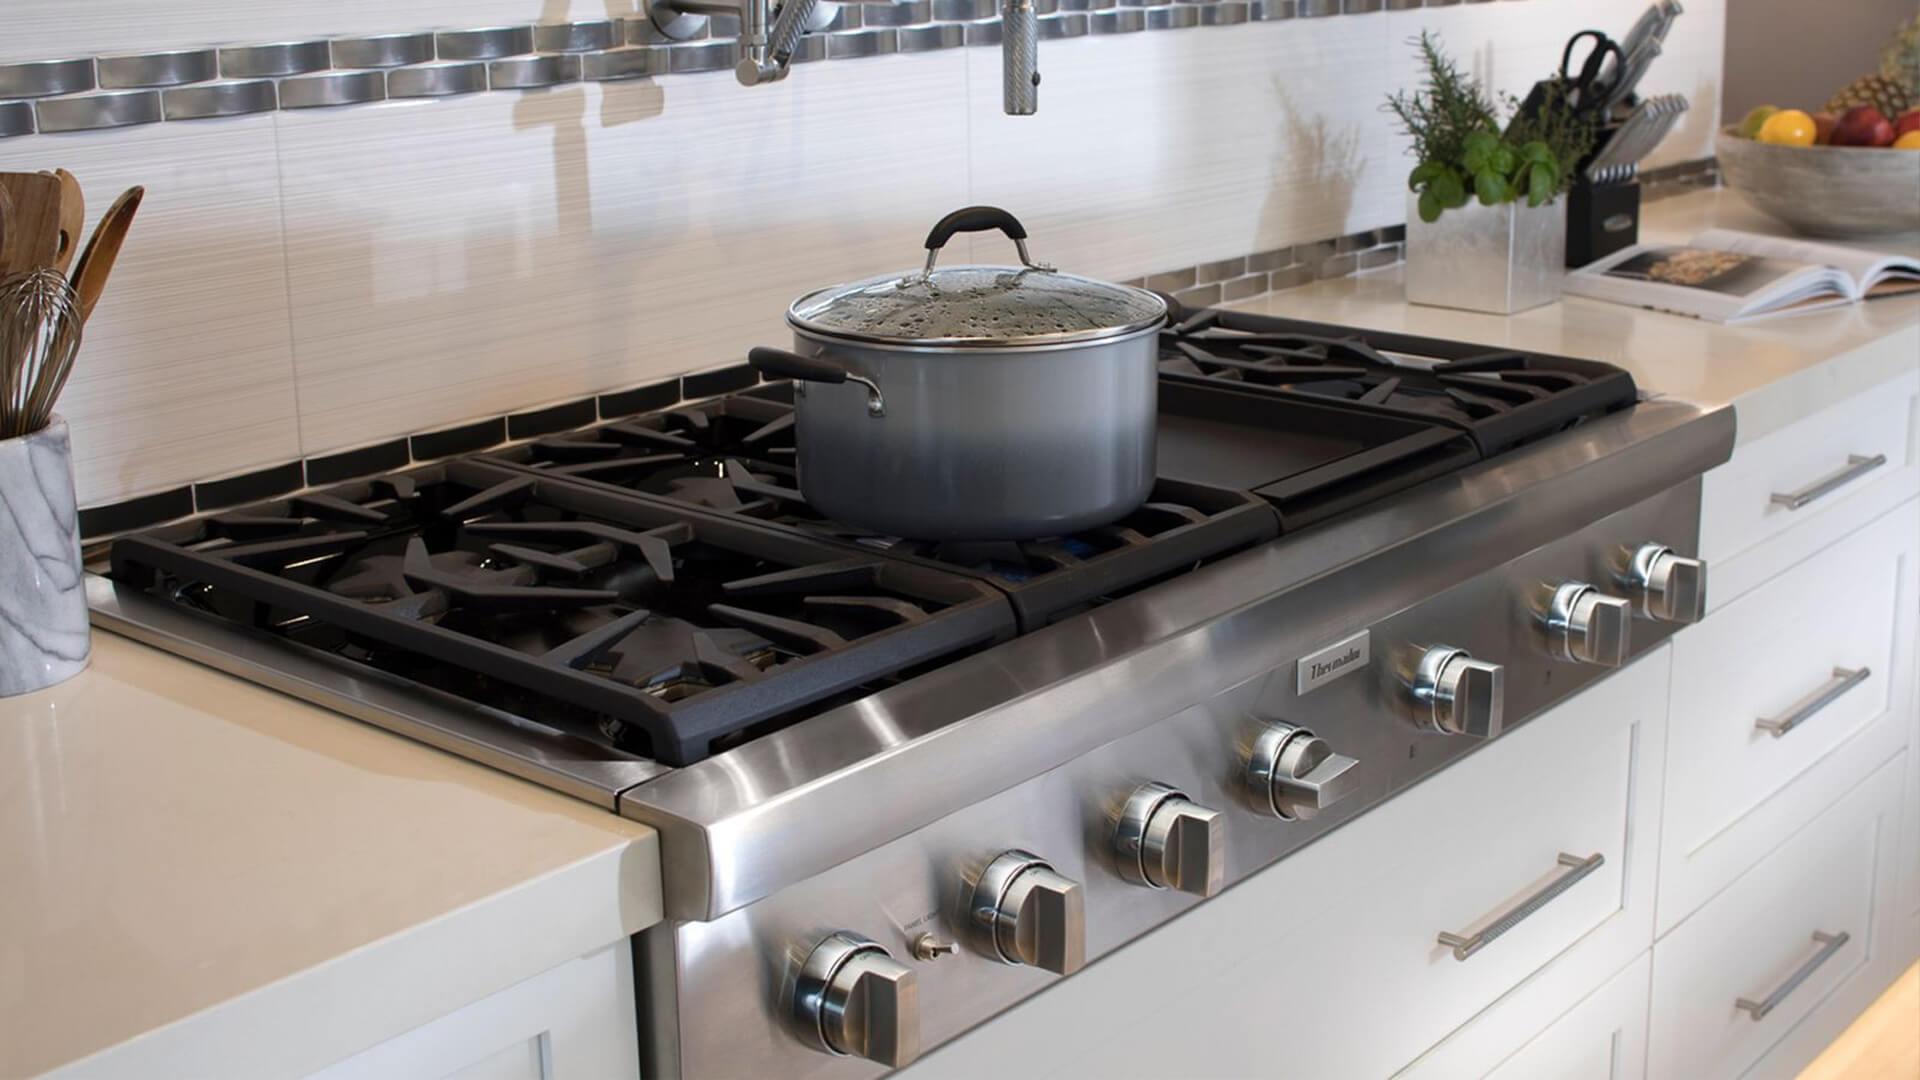 Thermador Cooktops & Rangetops Repair | Thermador Appliance Repair Pros